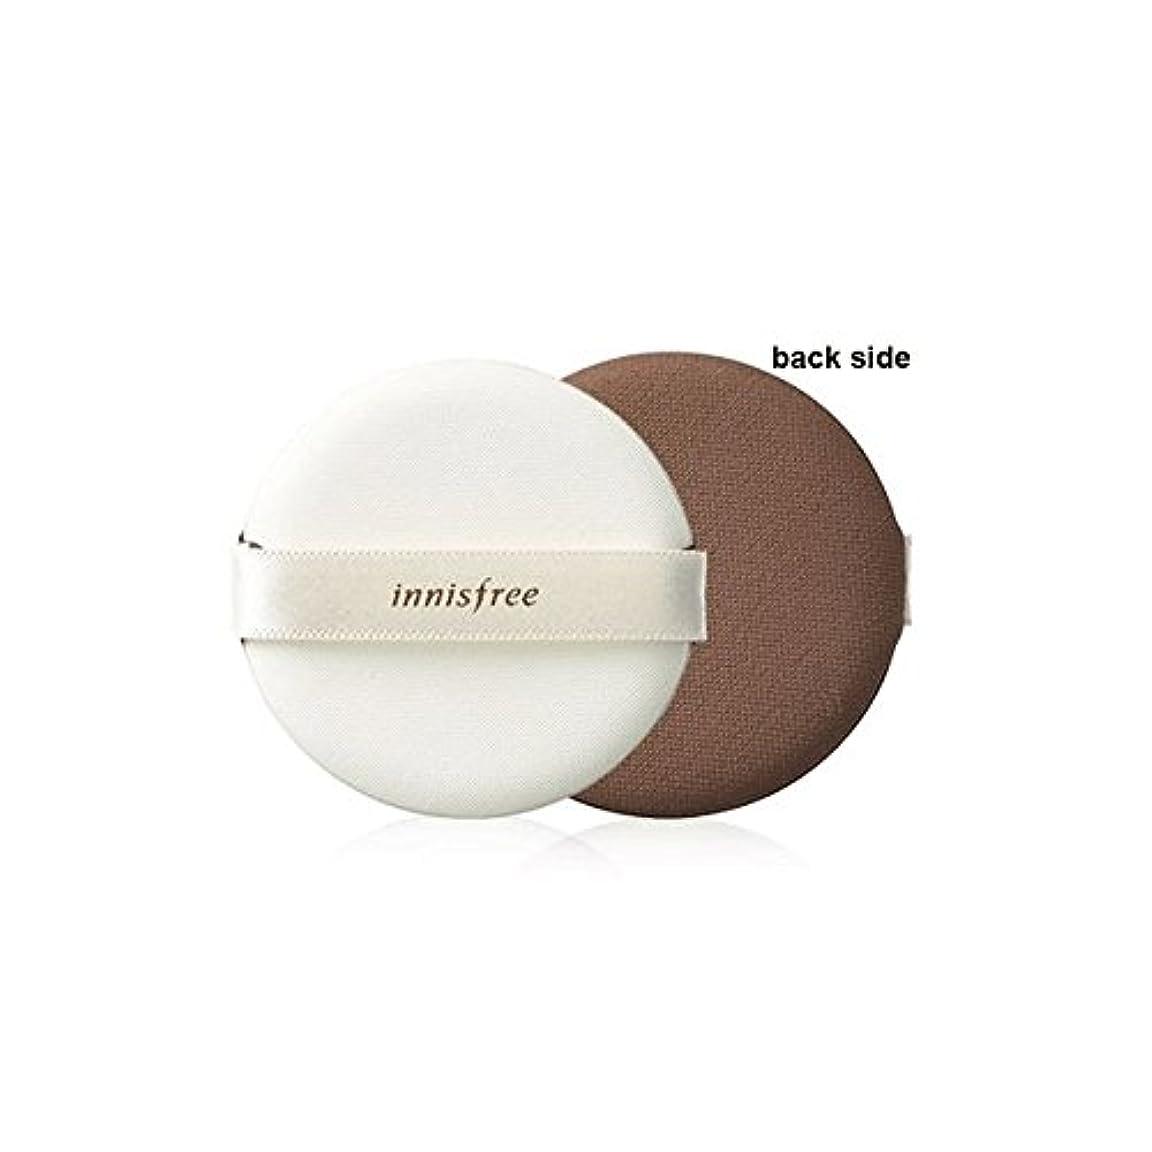 スポンジ無視できる台風[イニスプリー] Innisfree エアマジックパフ-密着 [Innisfree] Eco Beauty Tool Air Magic Puff-Fitting [海外直送品]